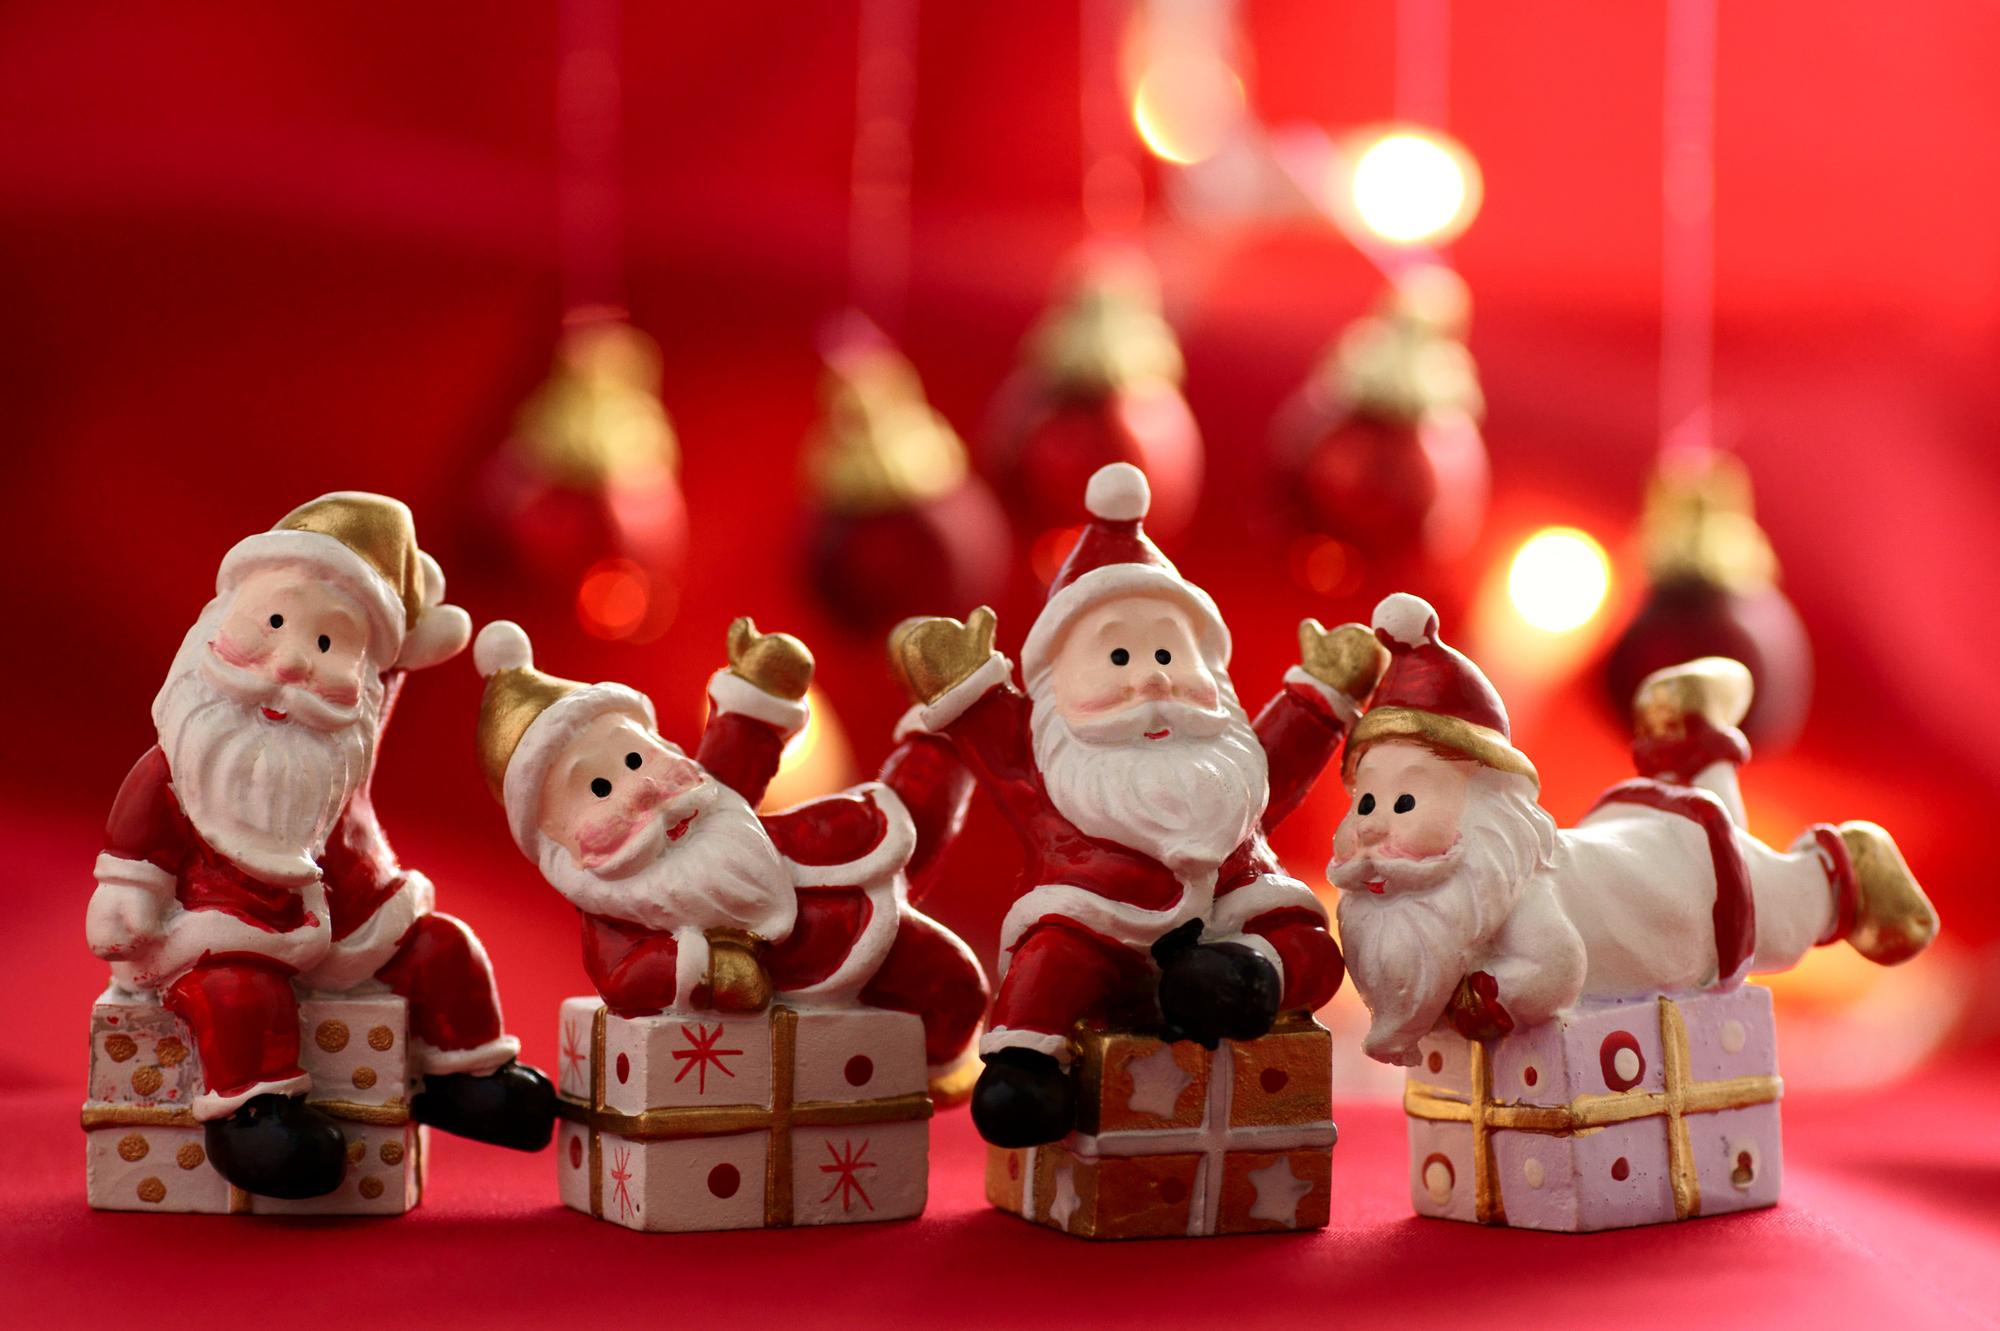 【恋人がいない人こそ】友達とクリスマスパーティー! 成功の秘訣とは!?